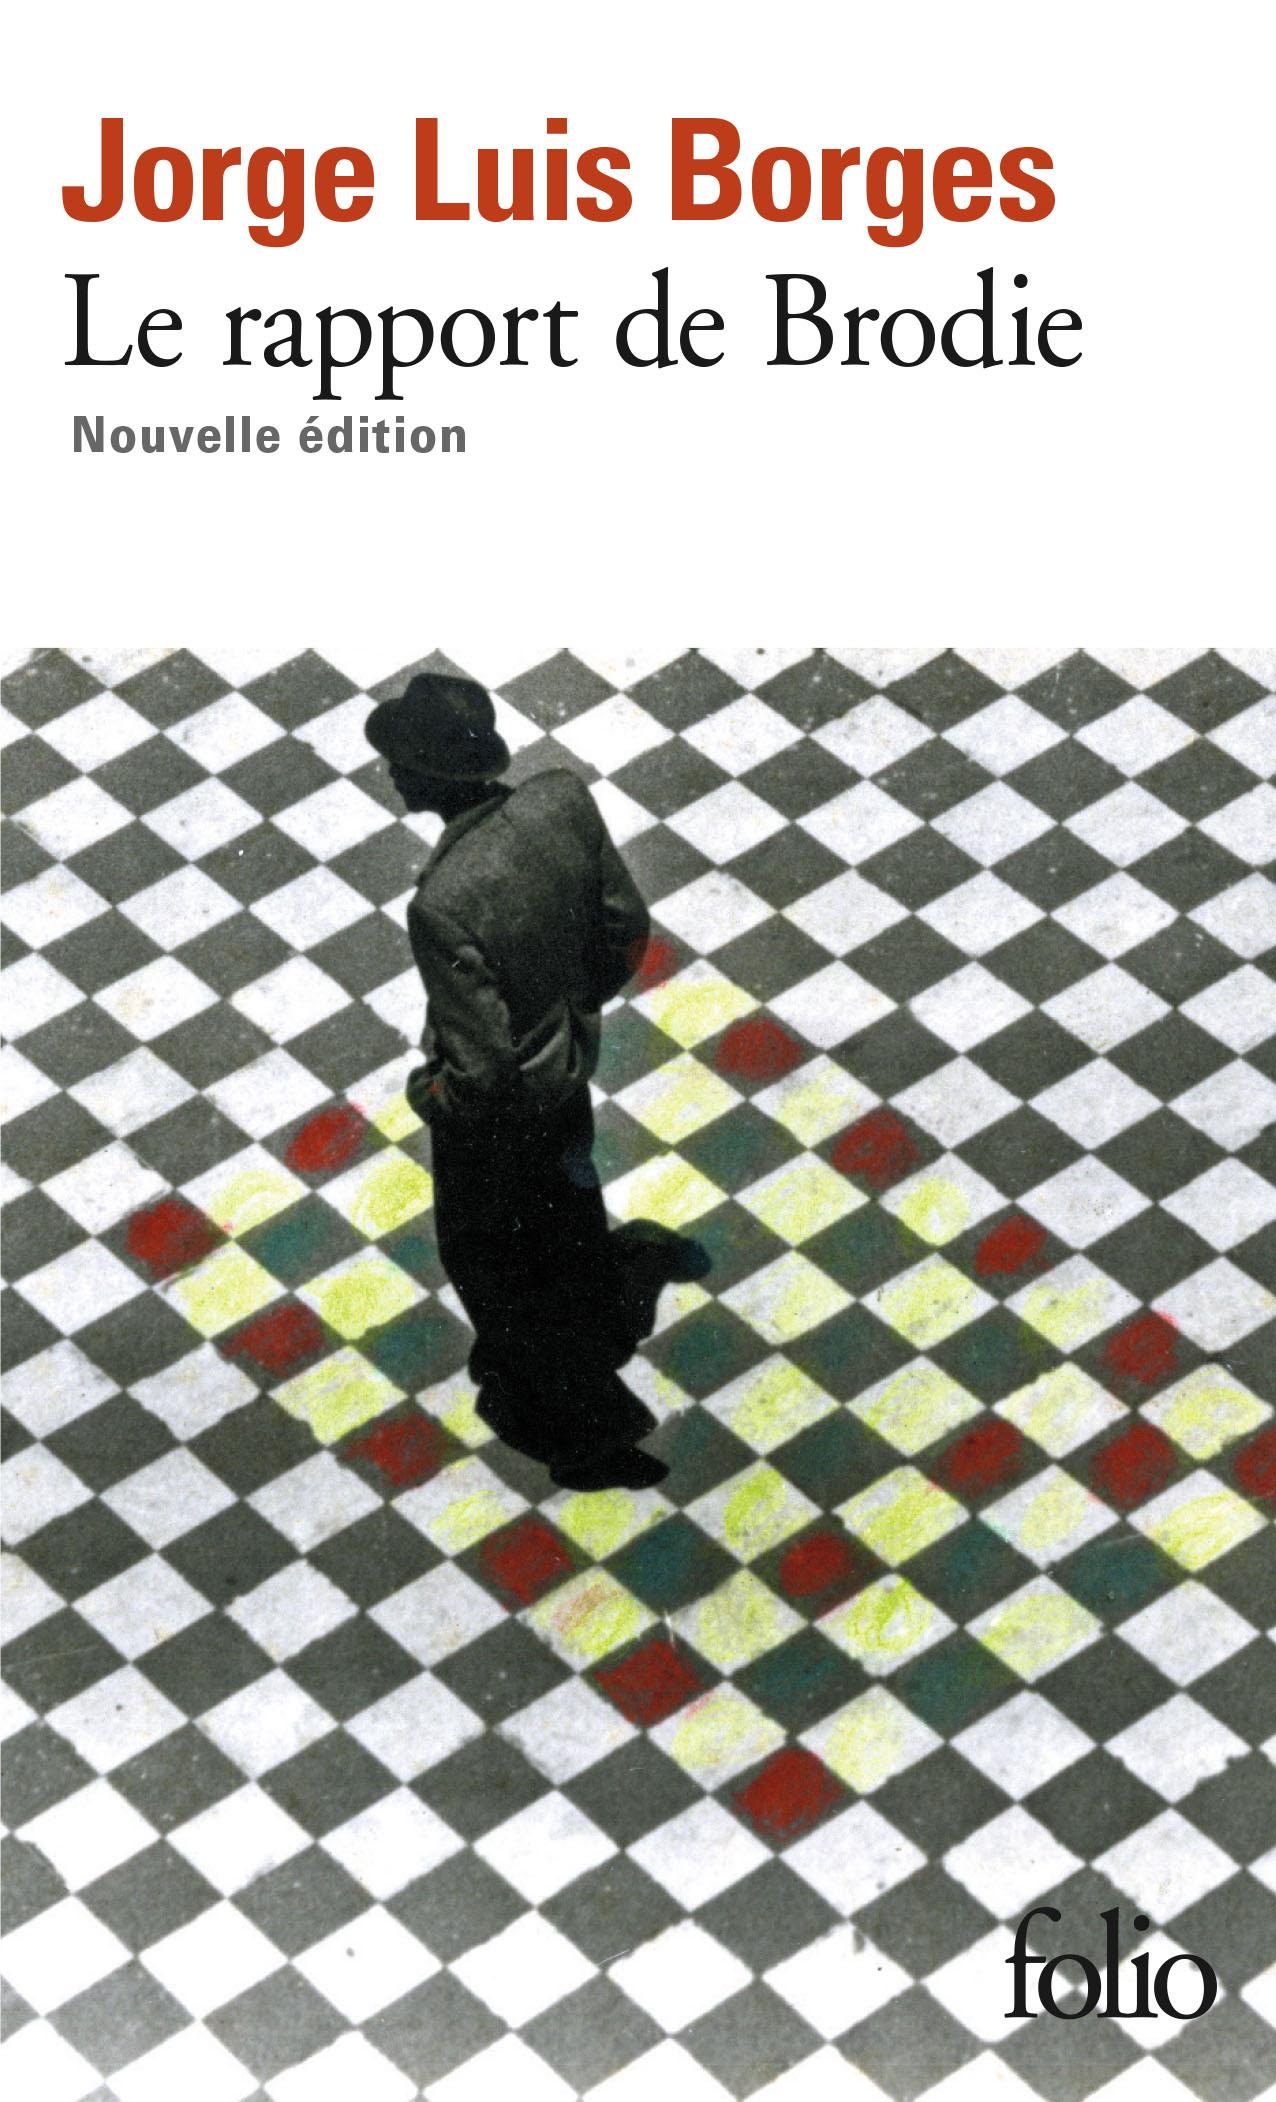 J. L. Borges, Le Rapport de Broglie (nouvelle éd.)